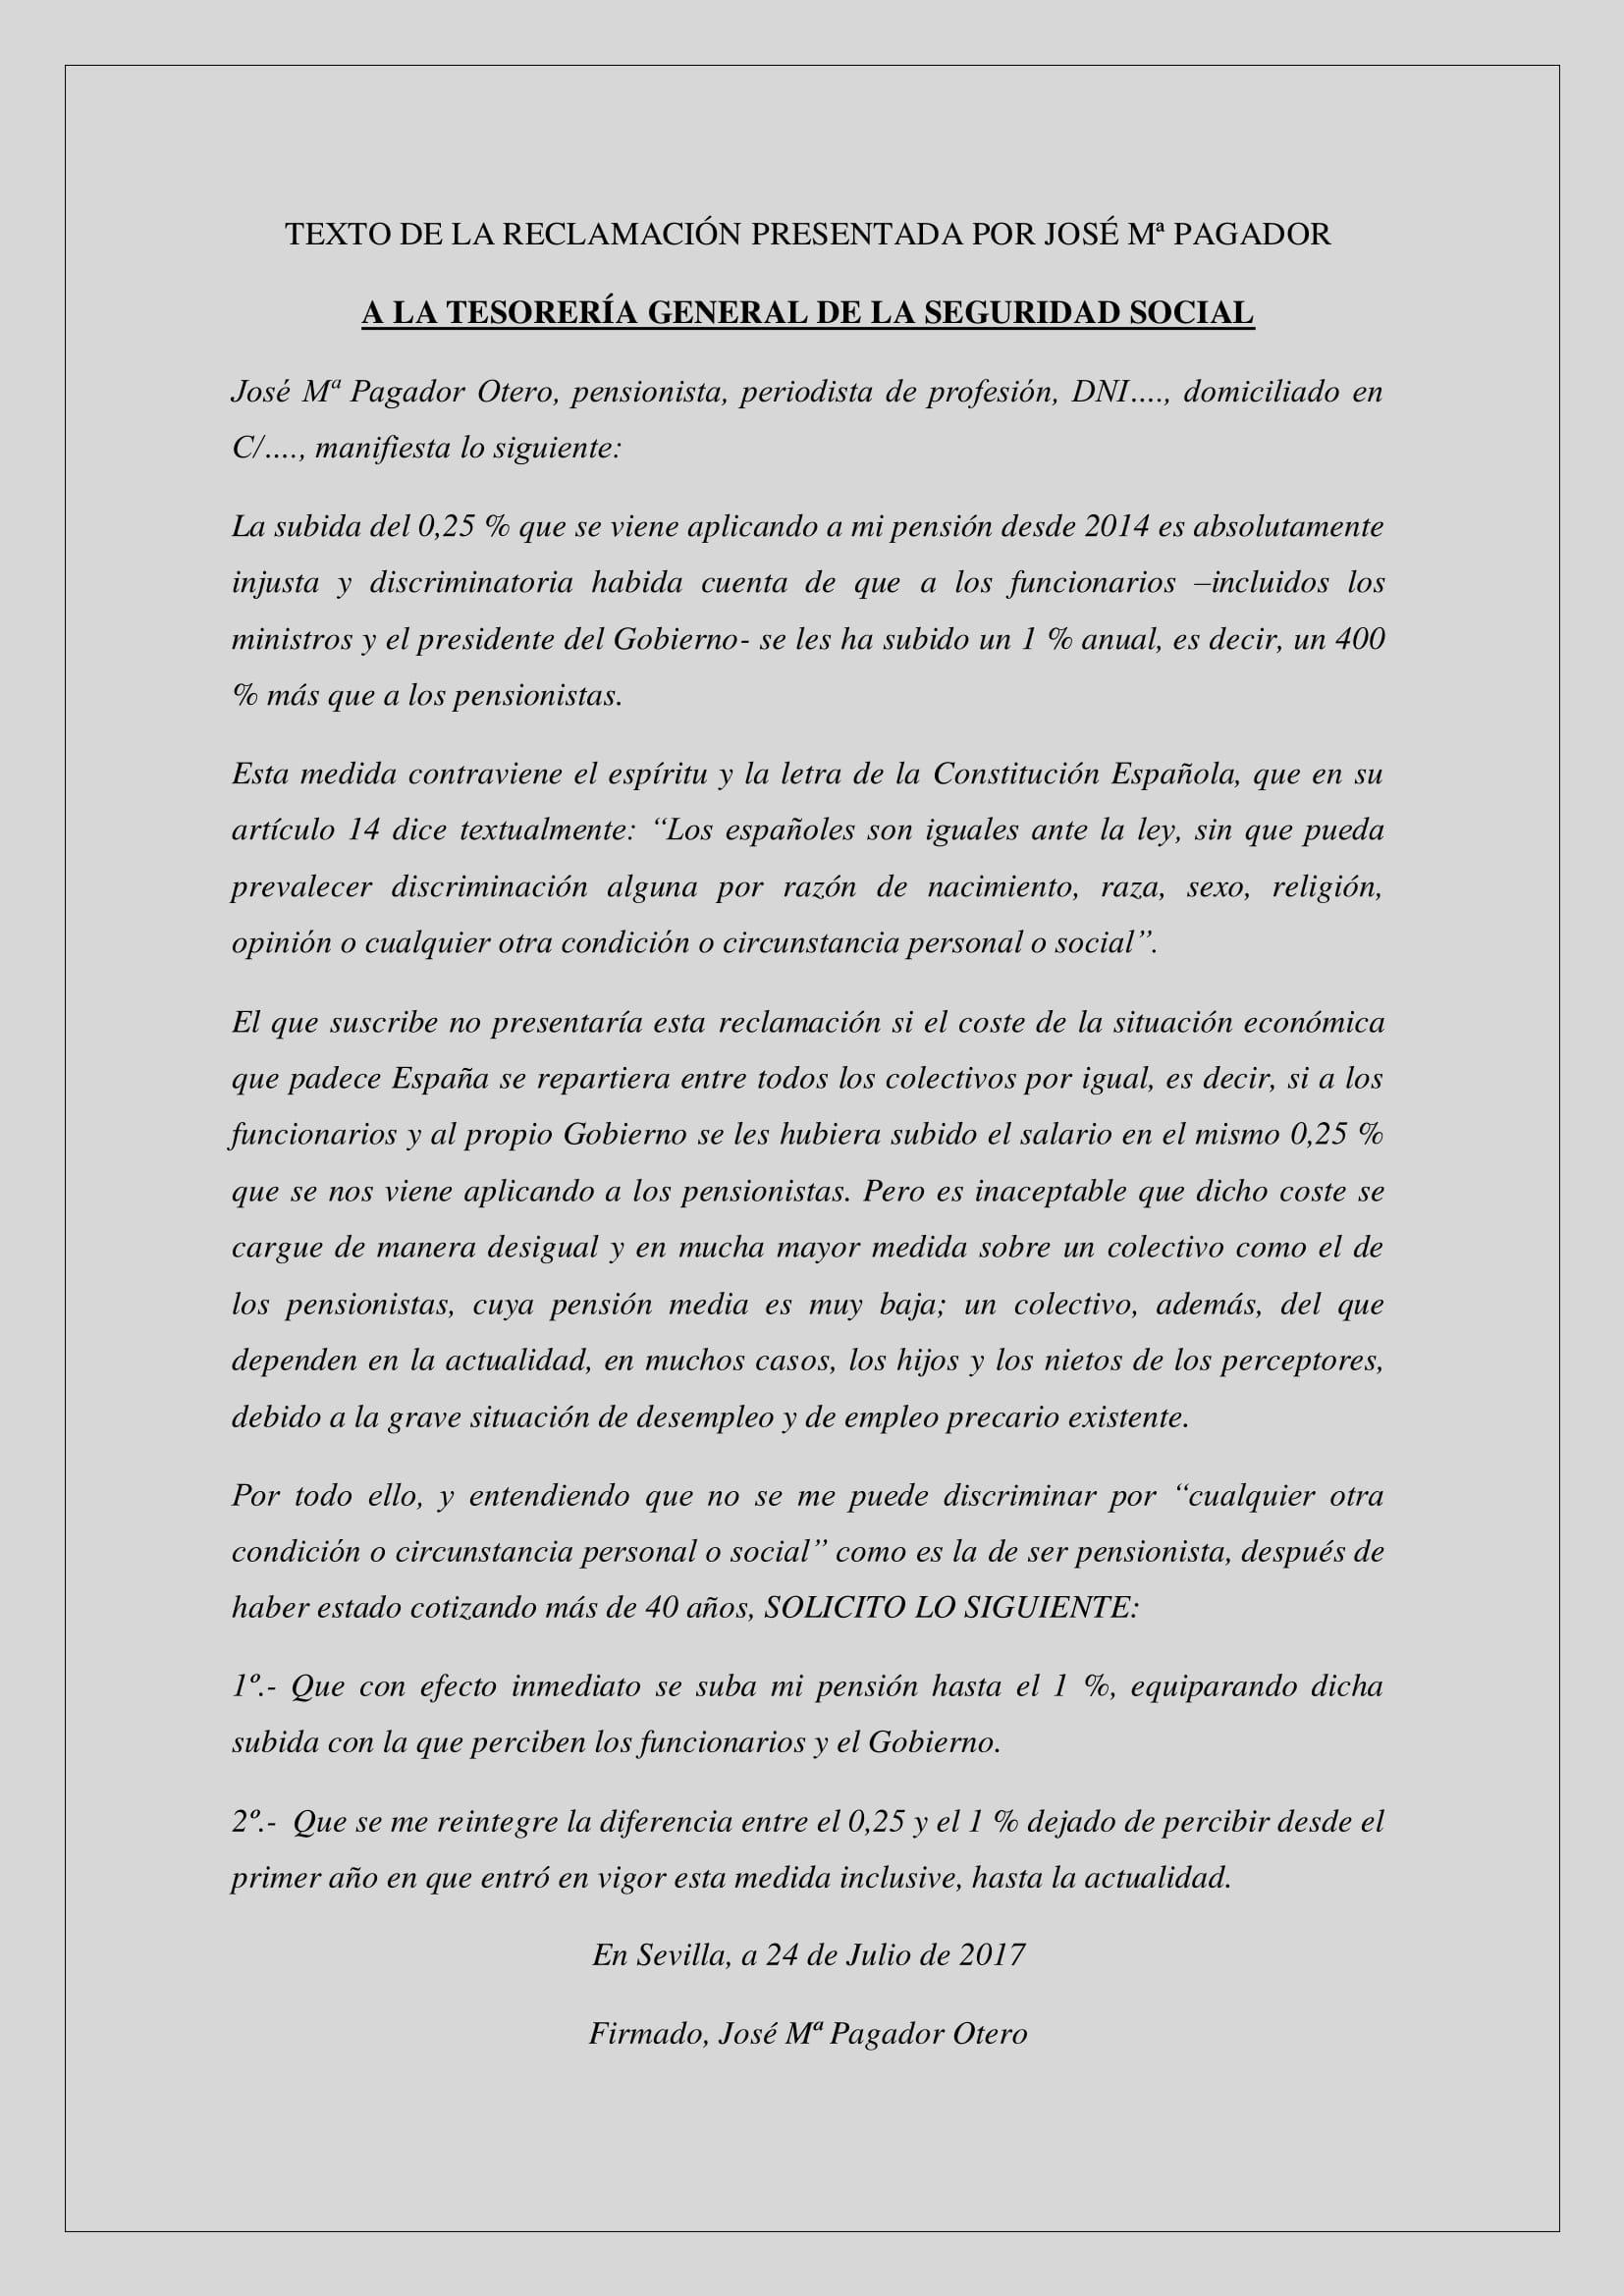 TEXTO DE LA RECLAMACIÓN PRESENTADA POR JOSÉ Mª PAGADOR